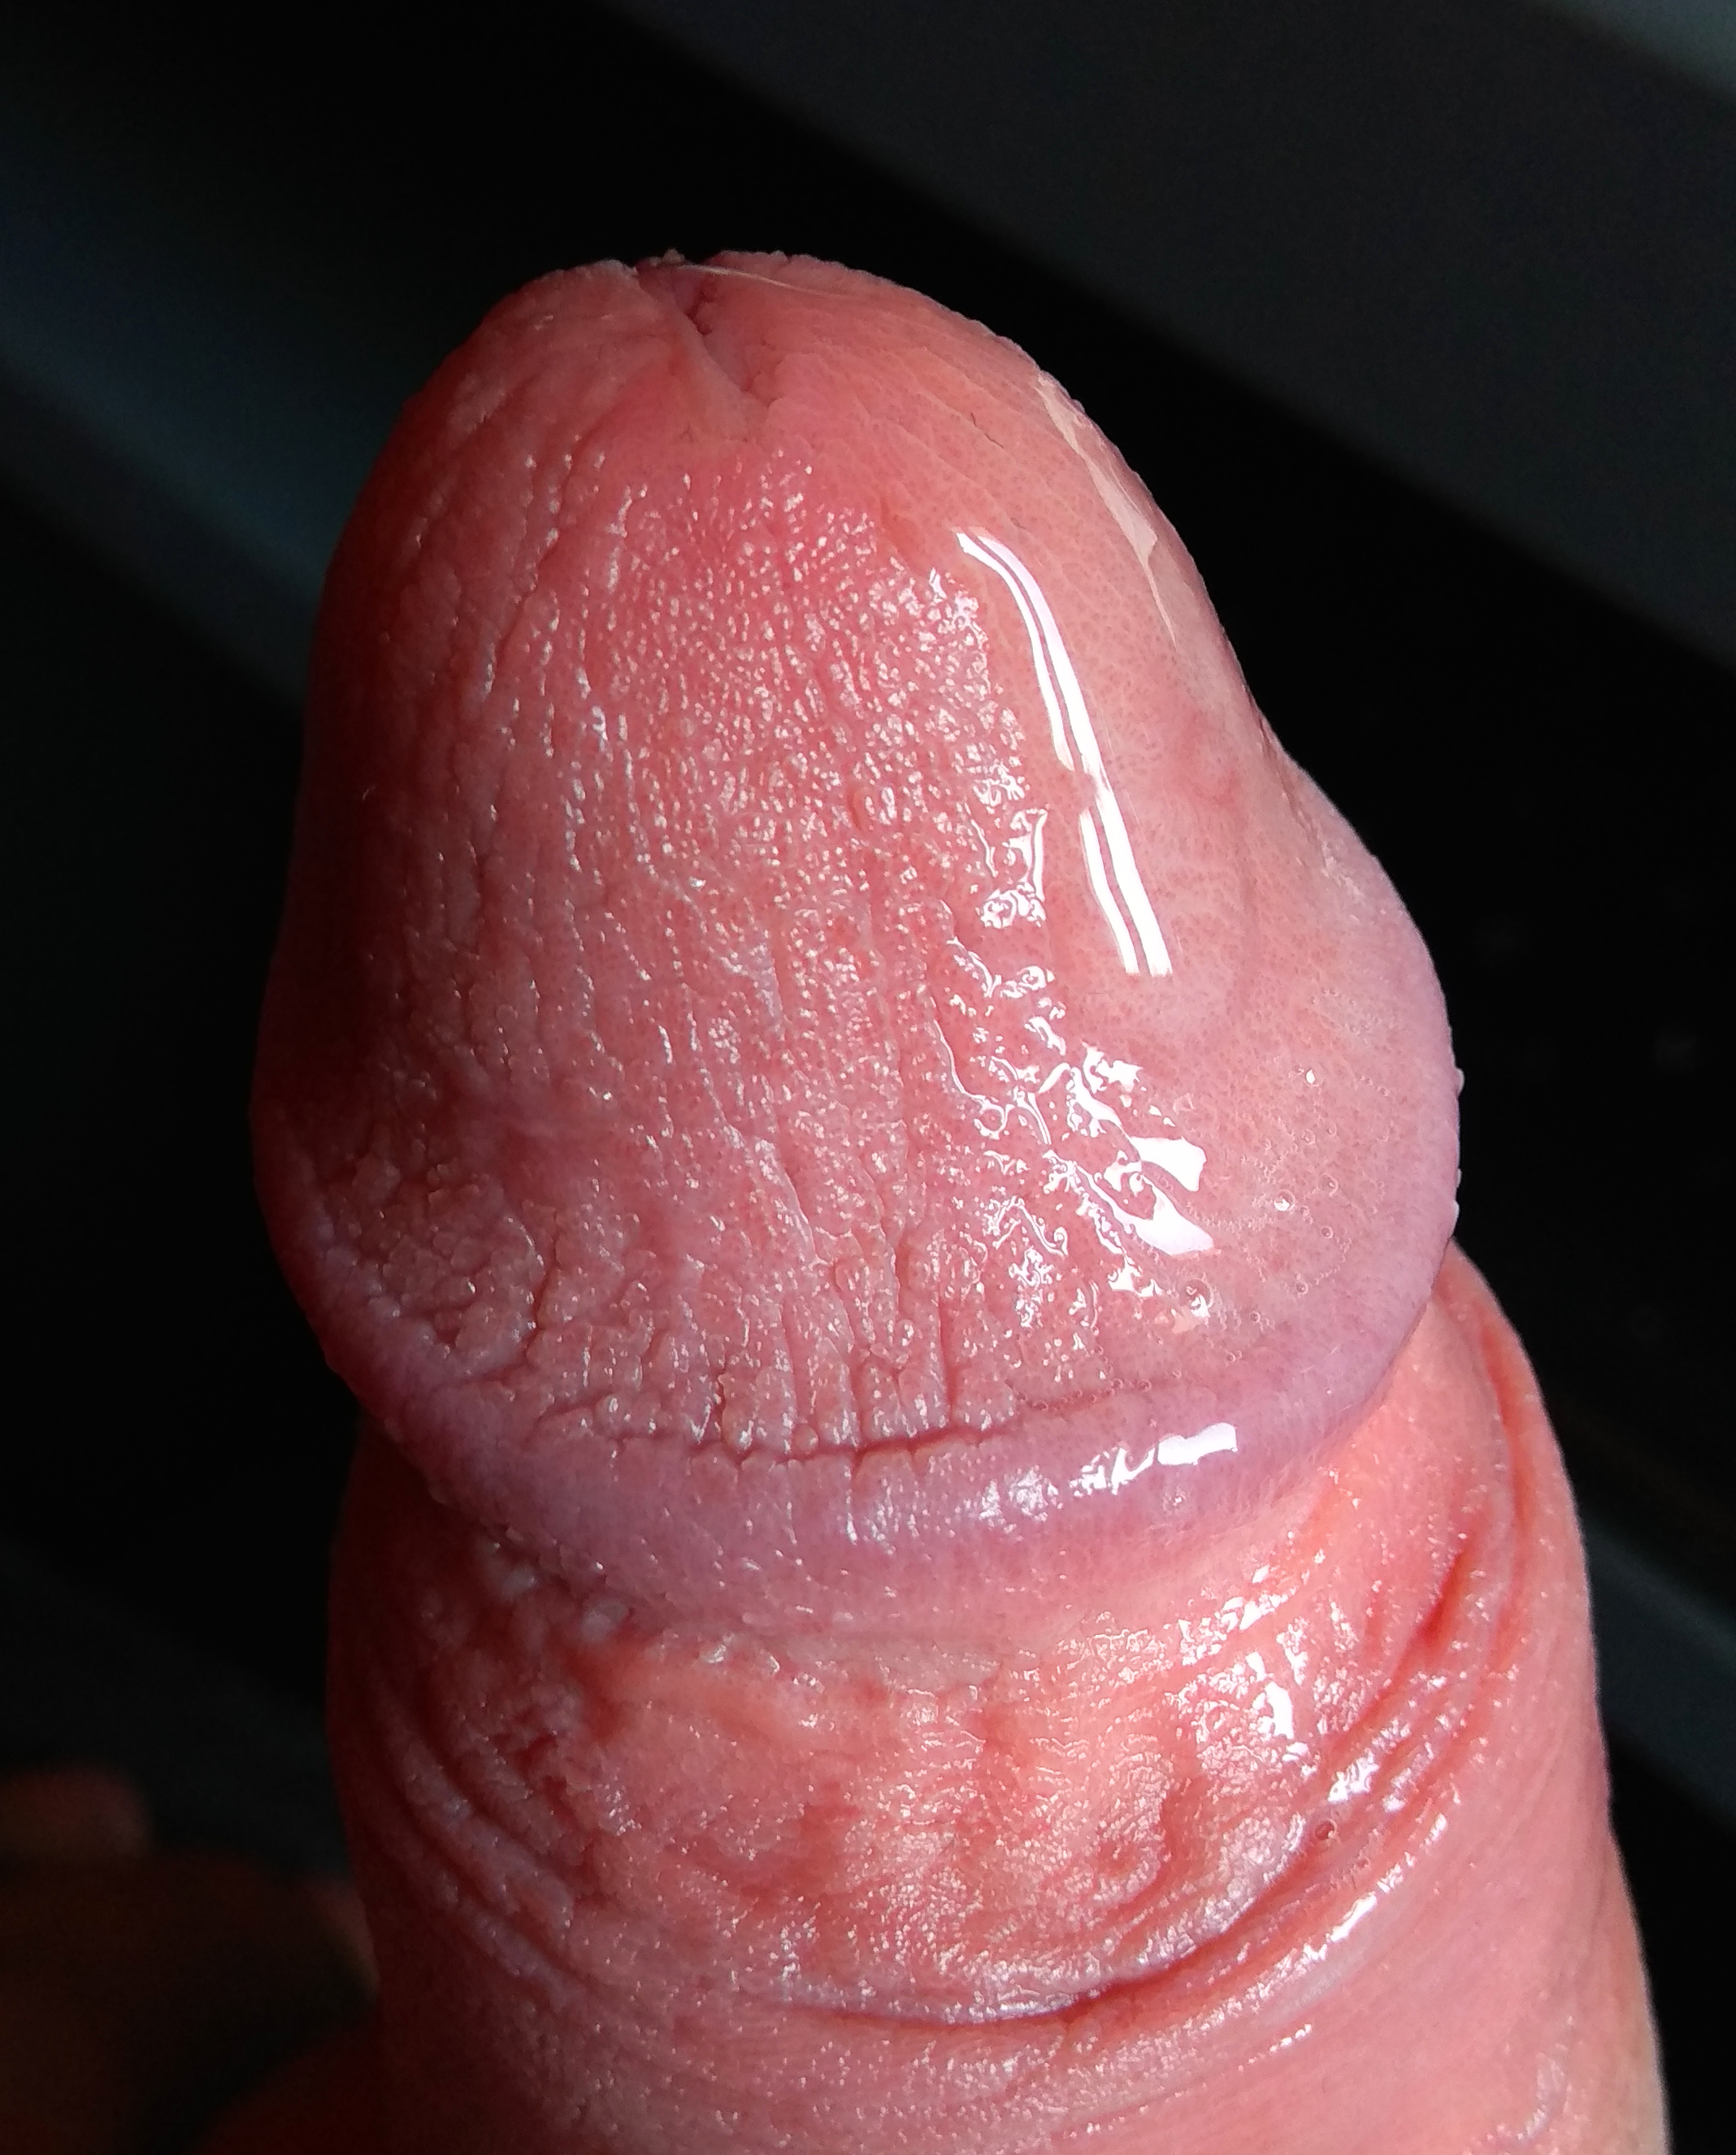 érzékenységvesztés az erekció során